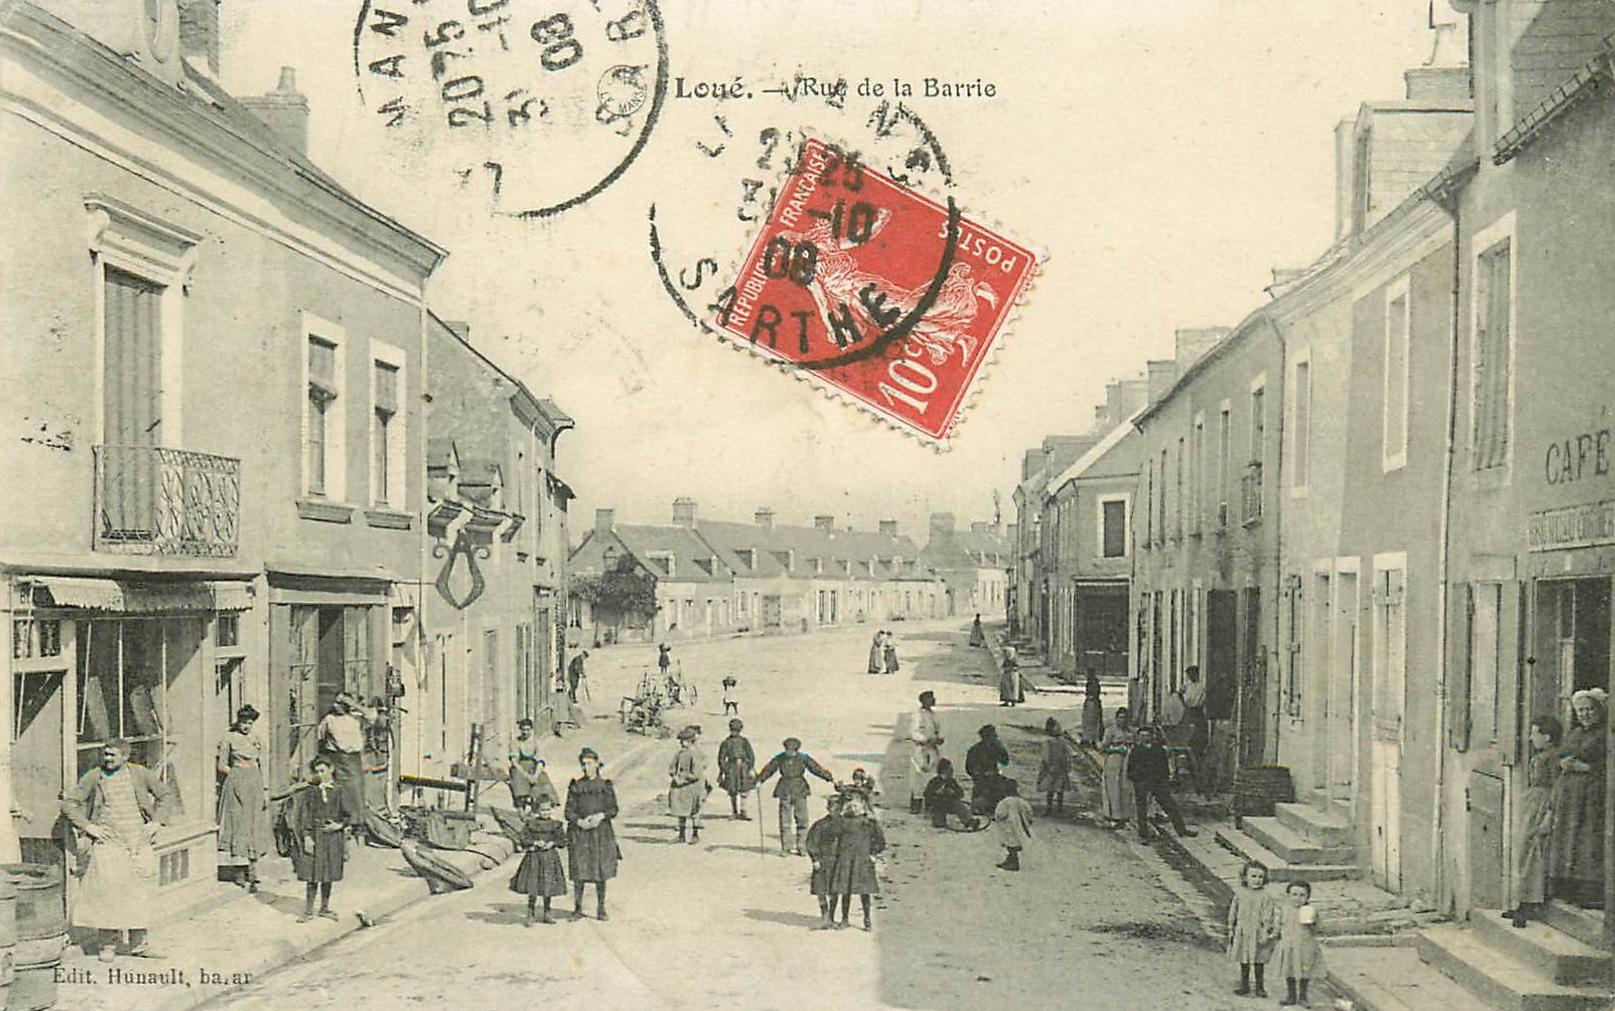 Loué - Rue de la Barrie